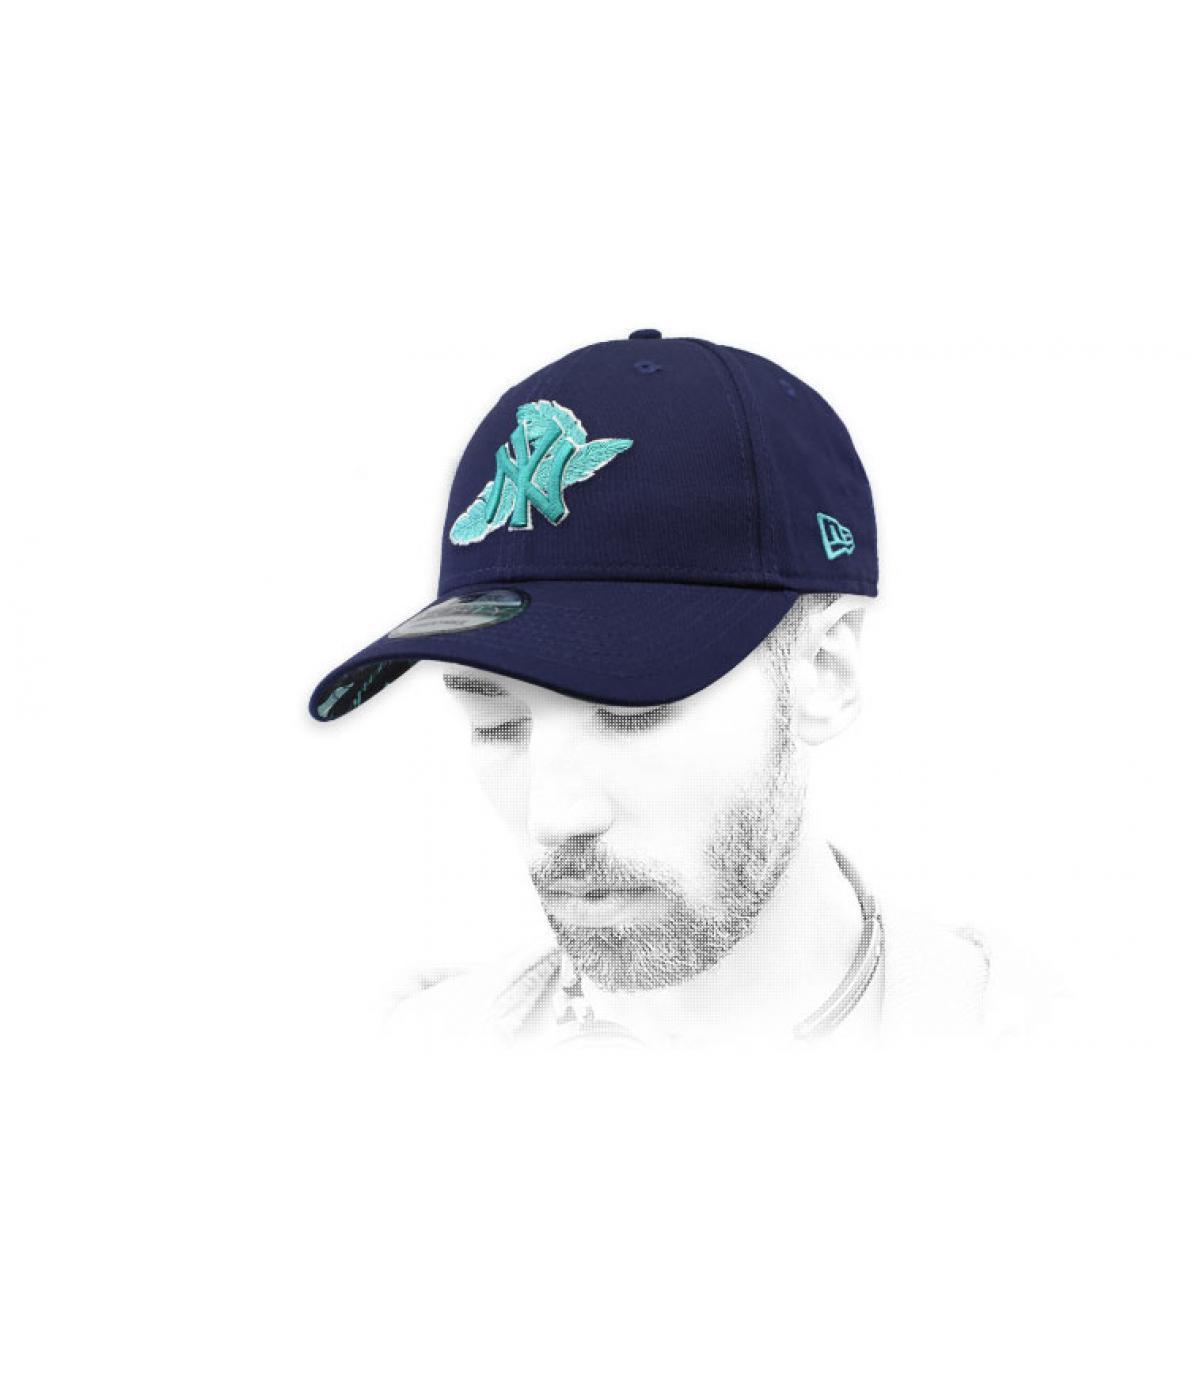 NY berretto blu